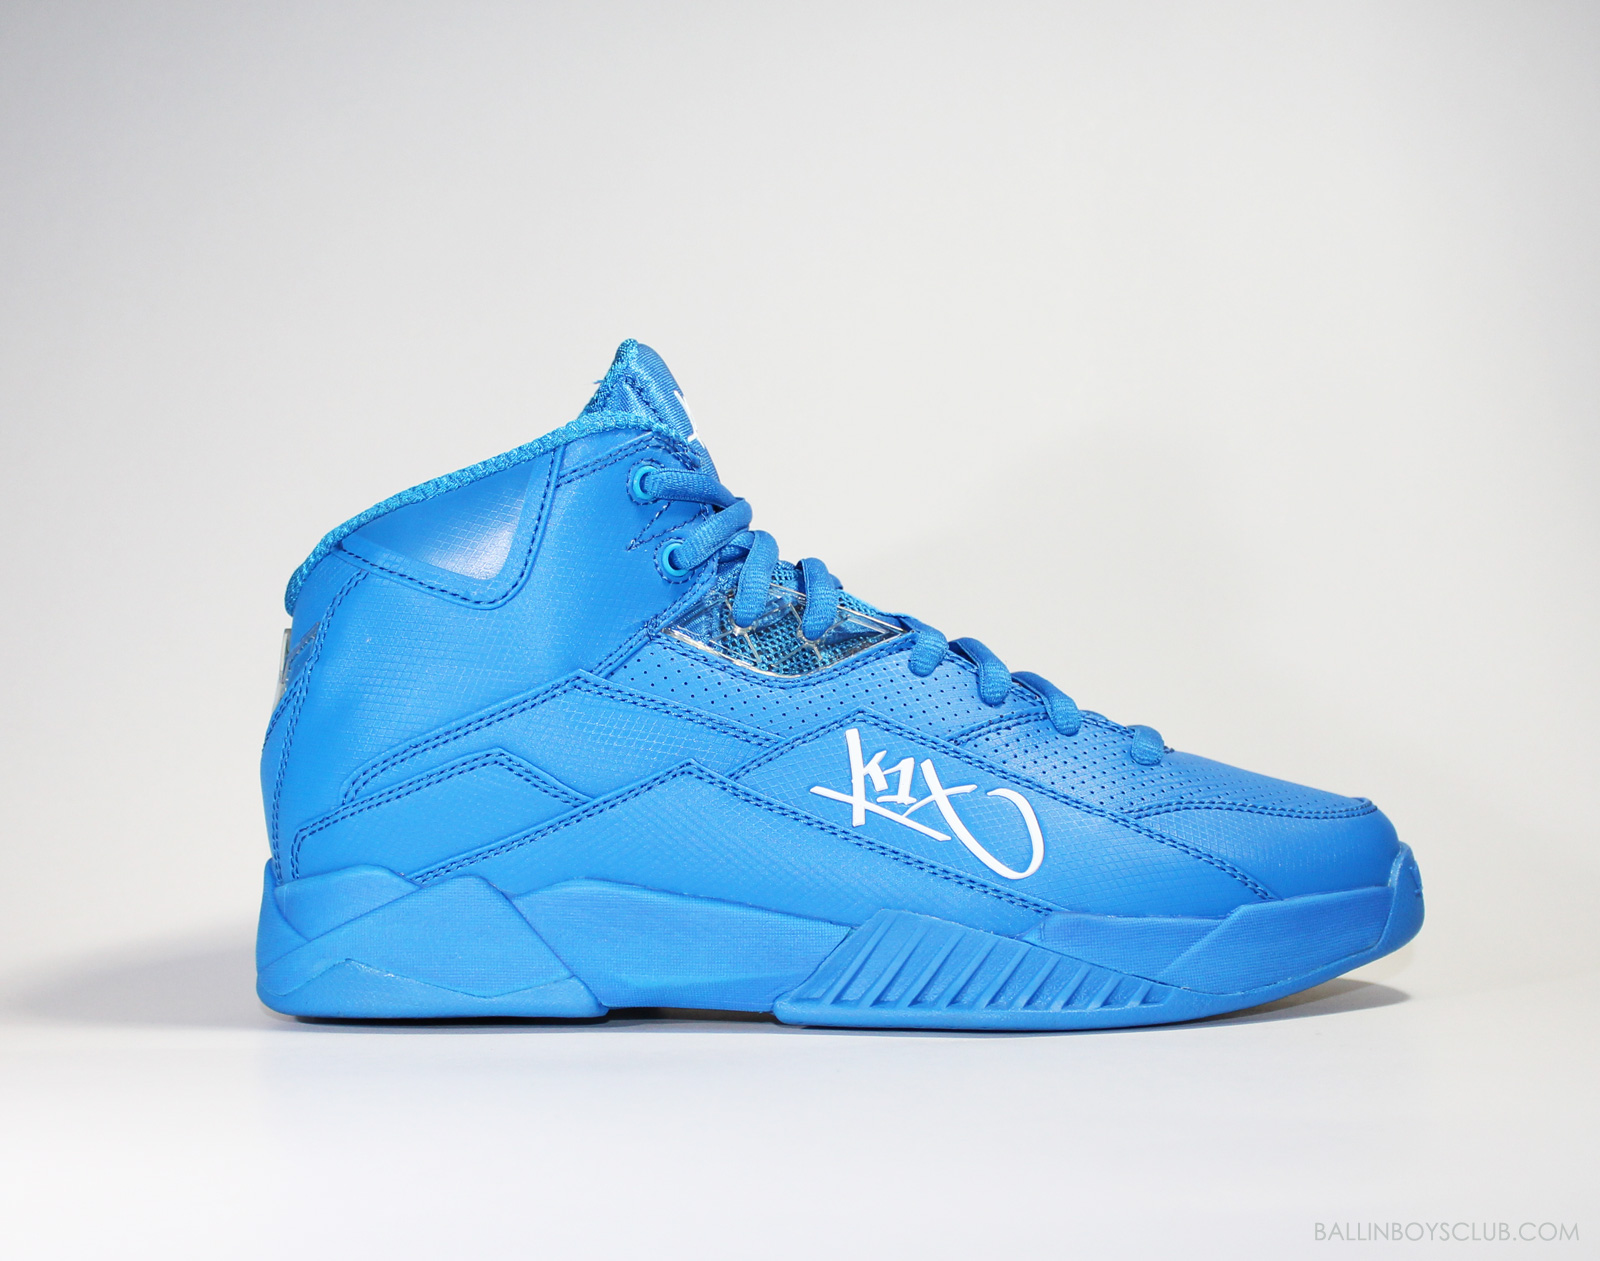 靈感來自90年代經典球鞋設計